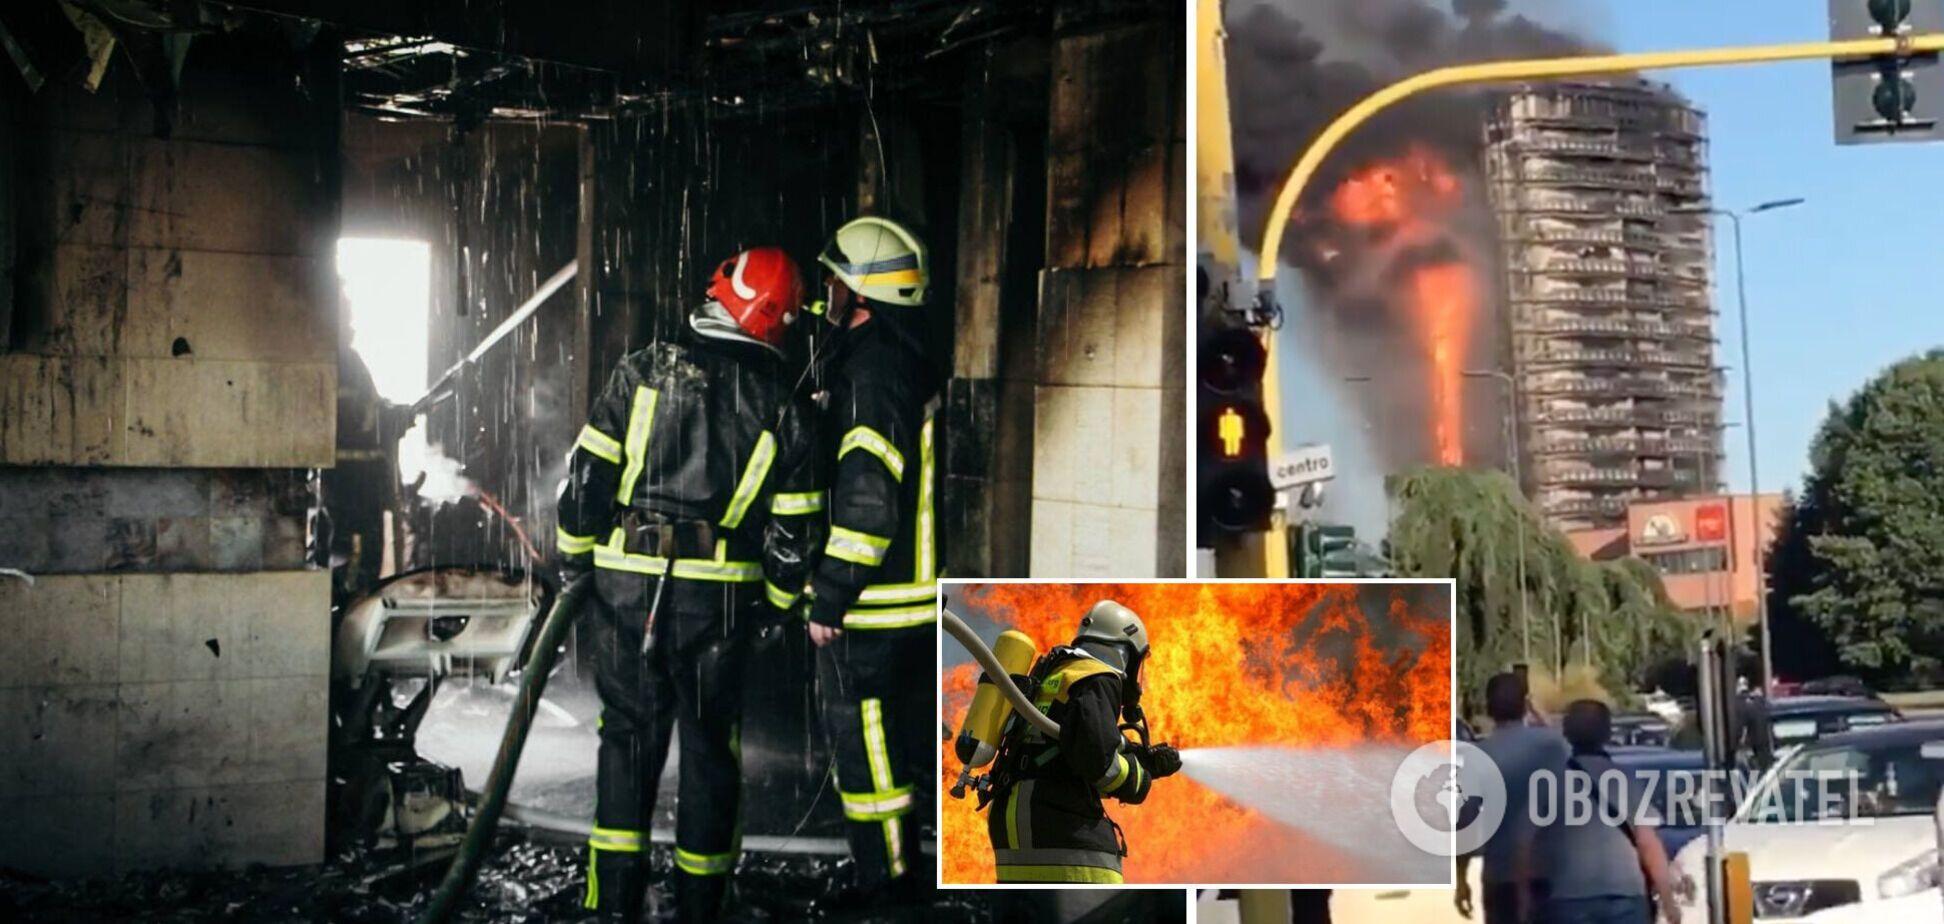 У Мілані спалахнула багатоповерхівка, будівля перетворилася на палаючий факел: людей встигли врятувати. Фото і відео